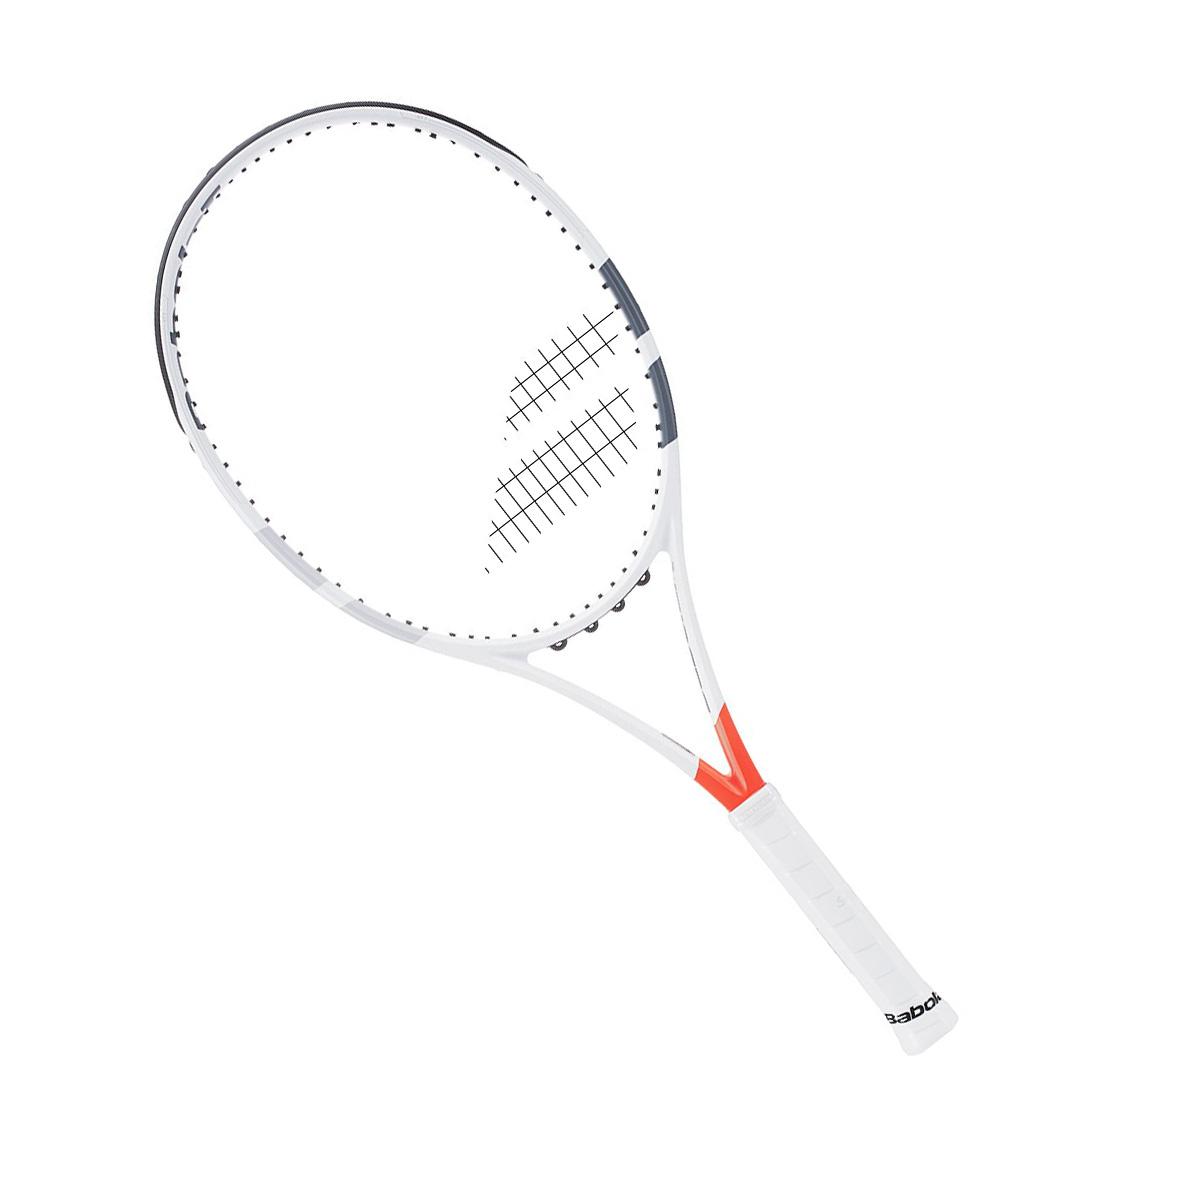 76d9d52e8 Raquete de Tênis Babolat Pure Strike 100 New - Empório do Tenista